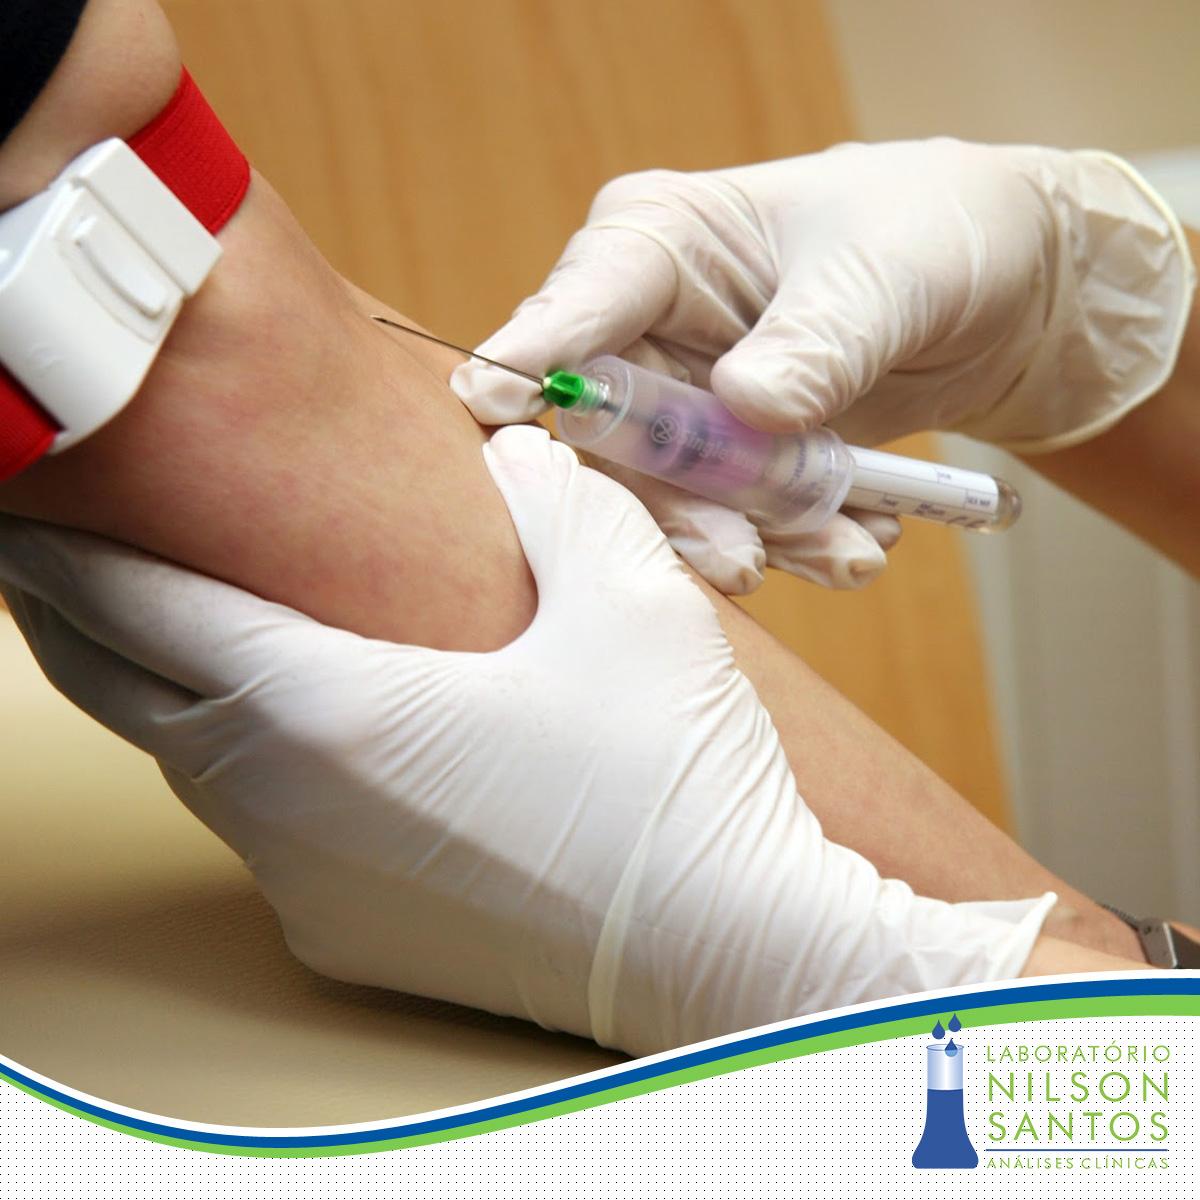 biopsia cancer de pele - Lab Nilson Santos